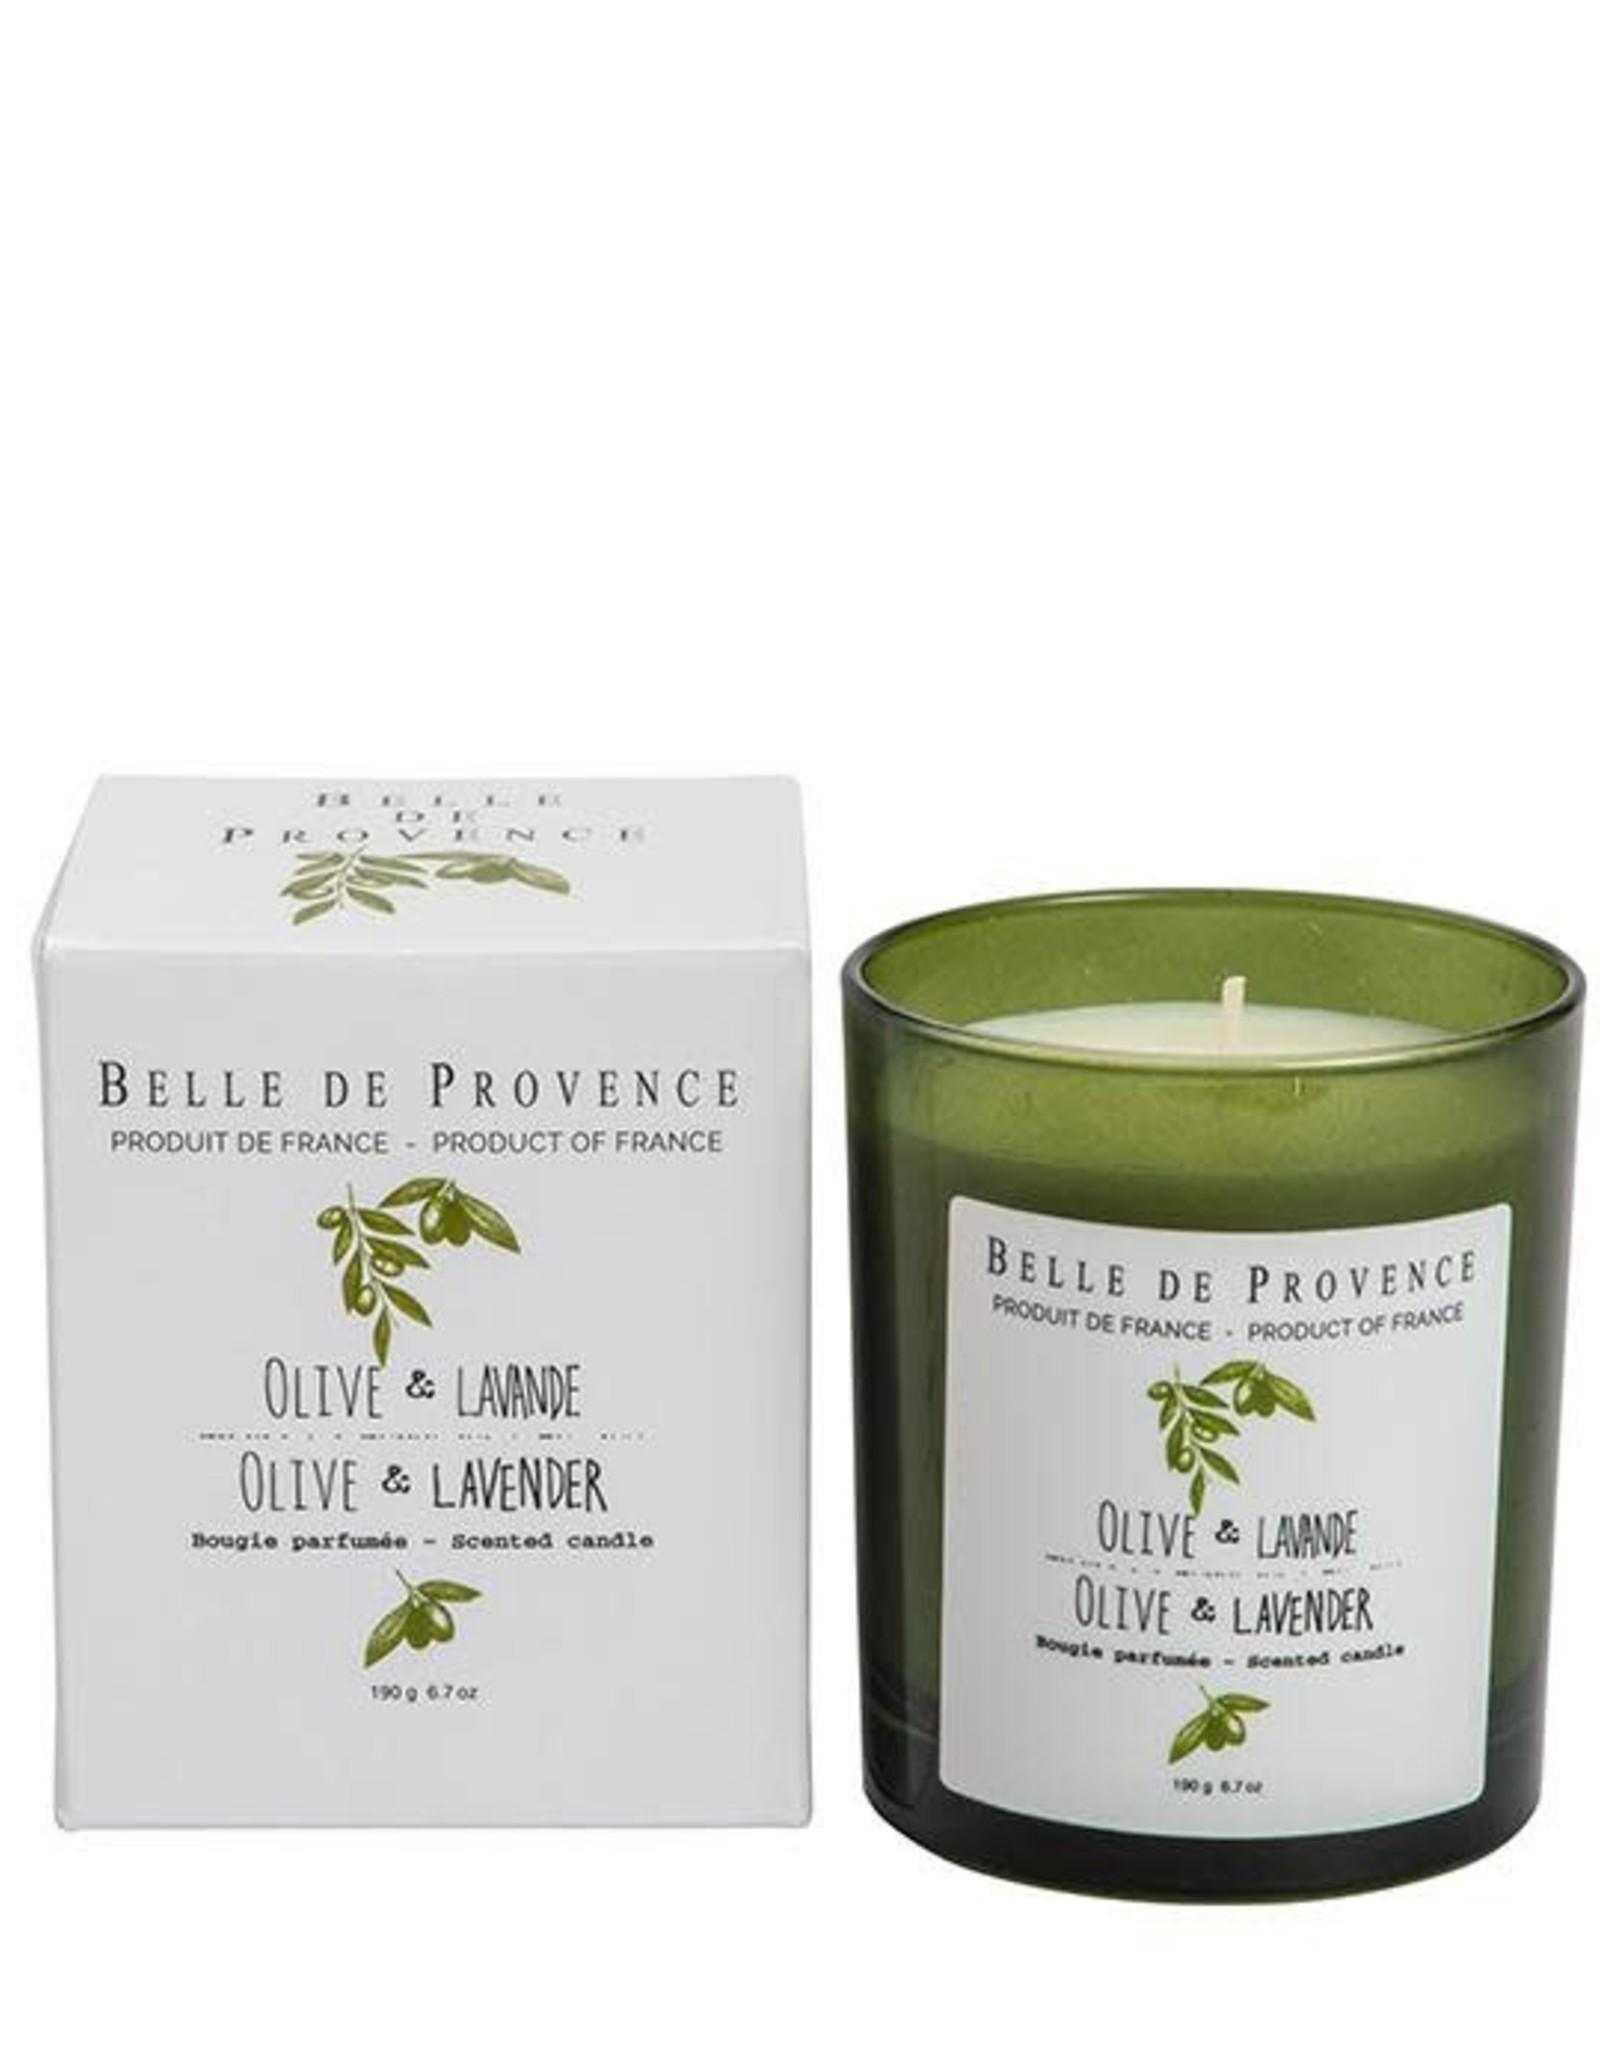 190g Olive Lavender Candle